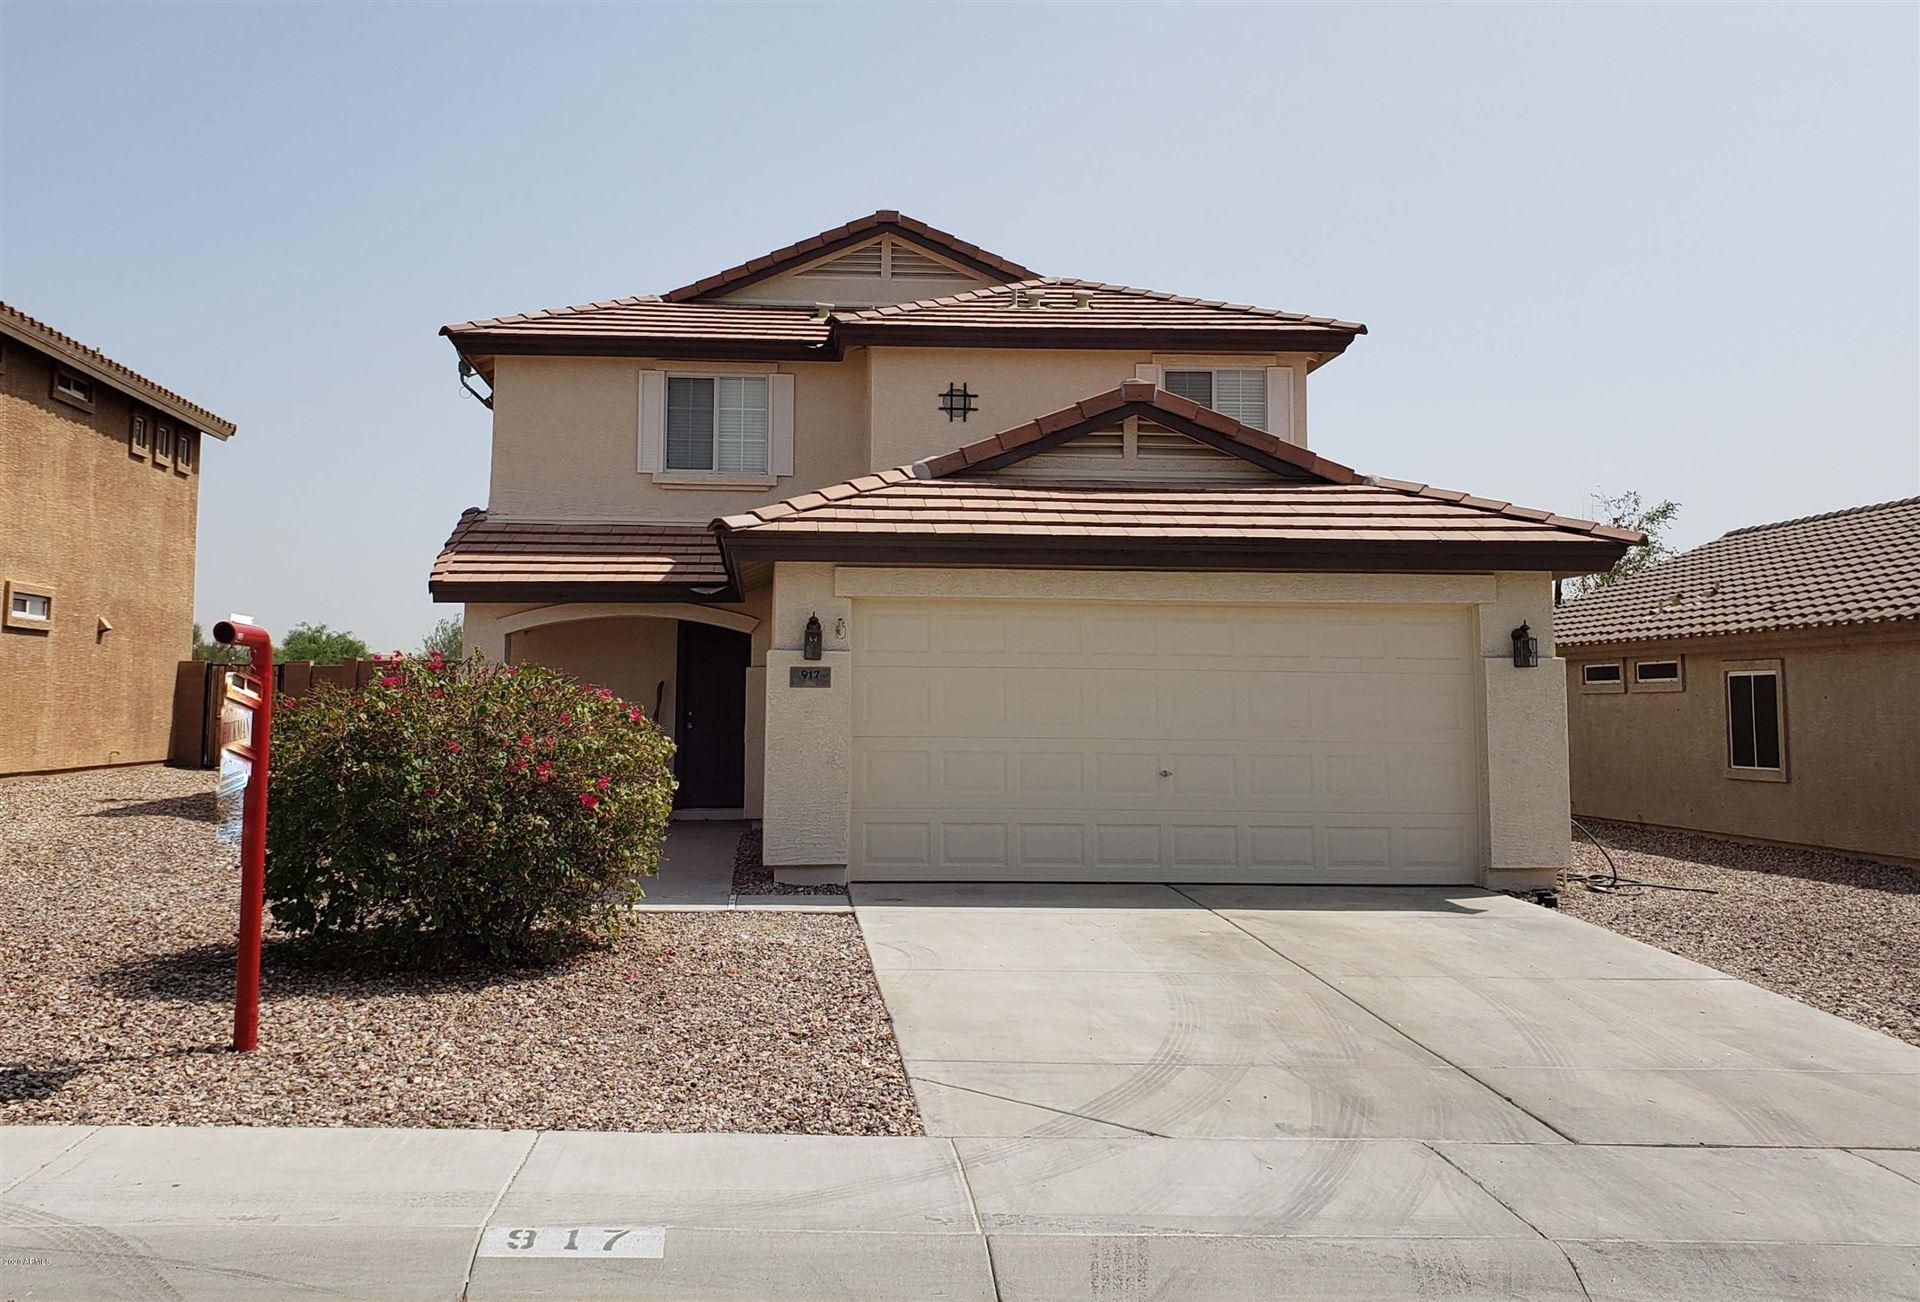 917 S 224TH Lane, Buckeye, AZ 85326 - MLS#: 6128765